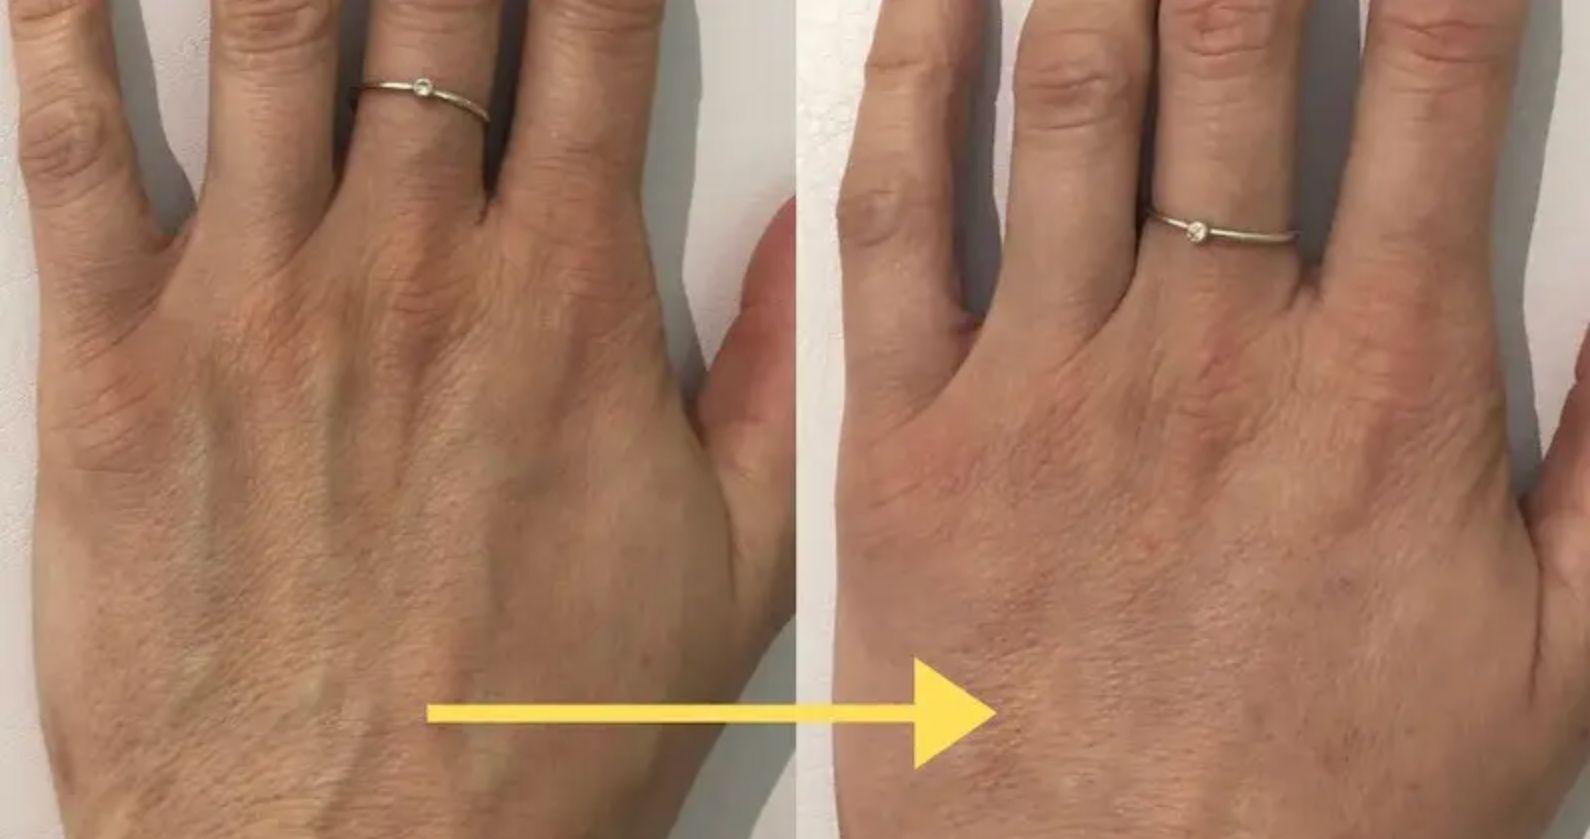 Dermal Fillers for Hand Rejuvenation